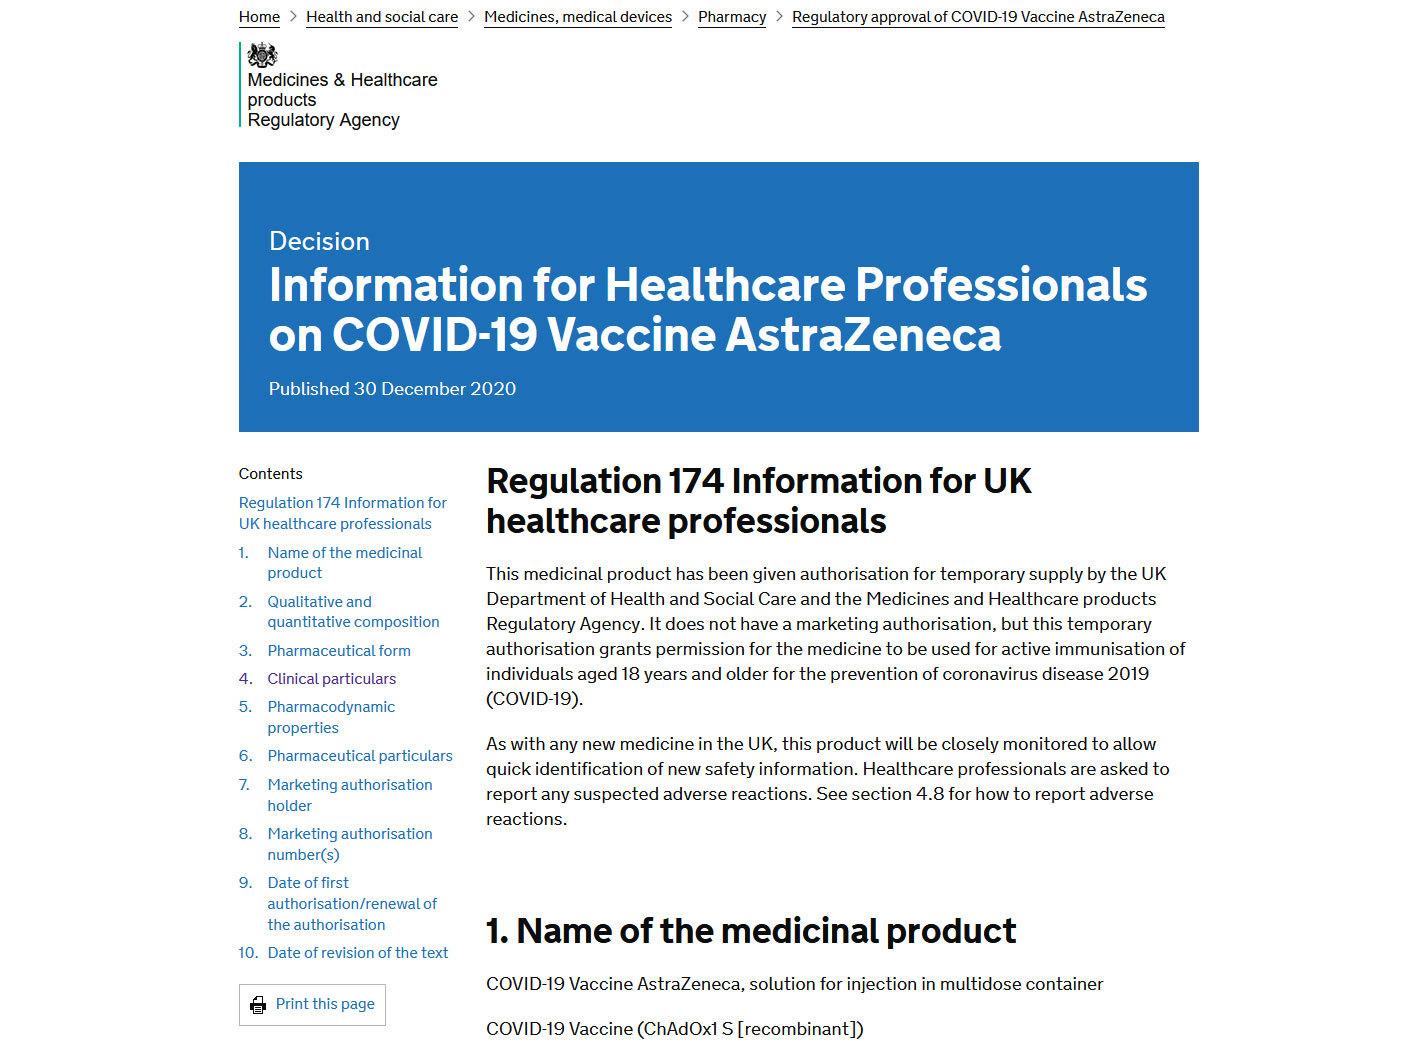 corona impfstoff von astrazeneca